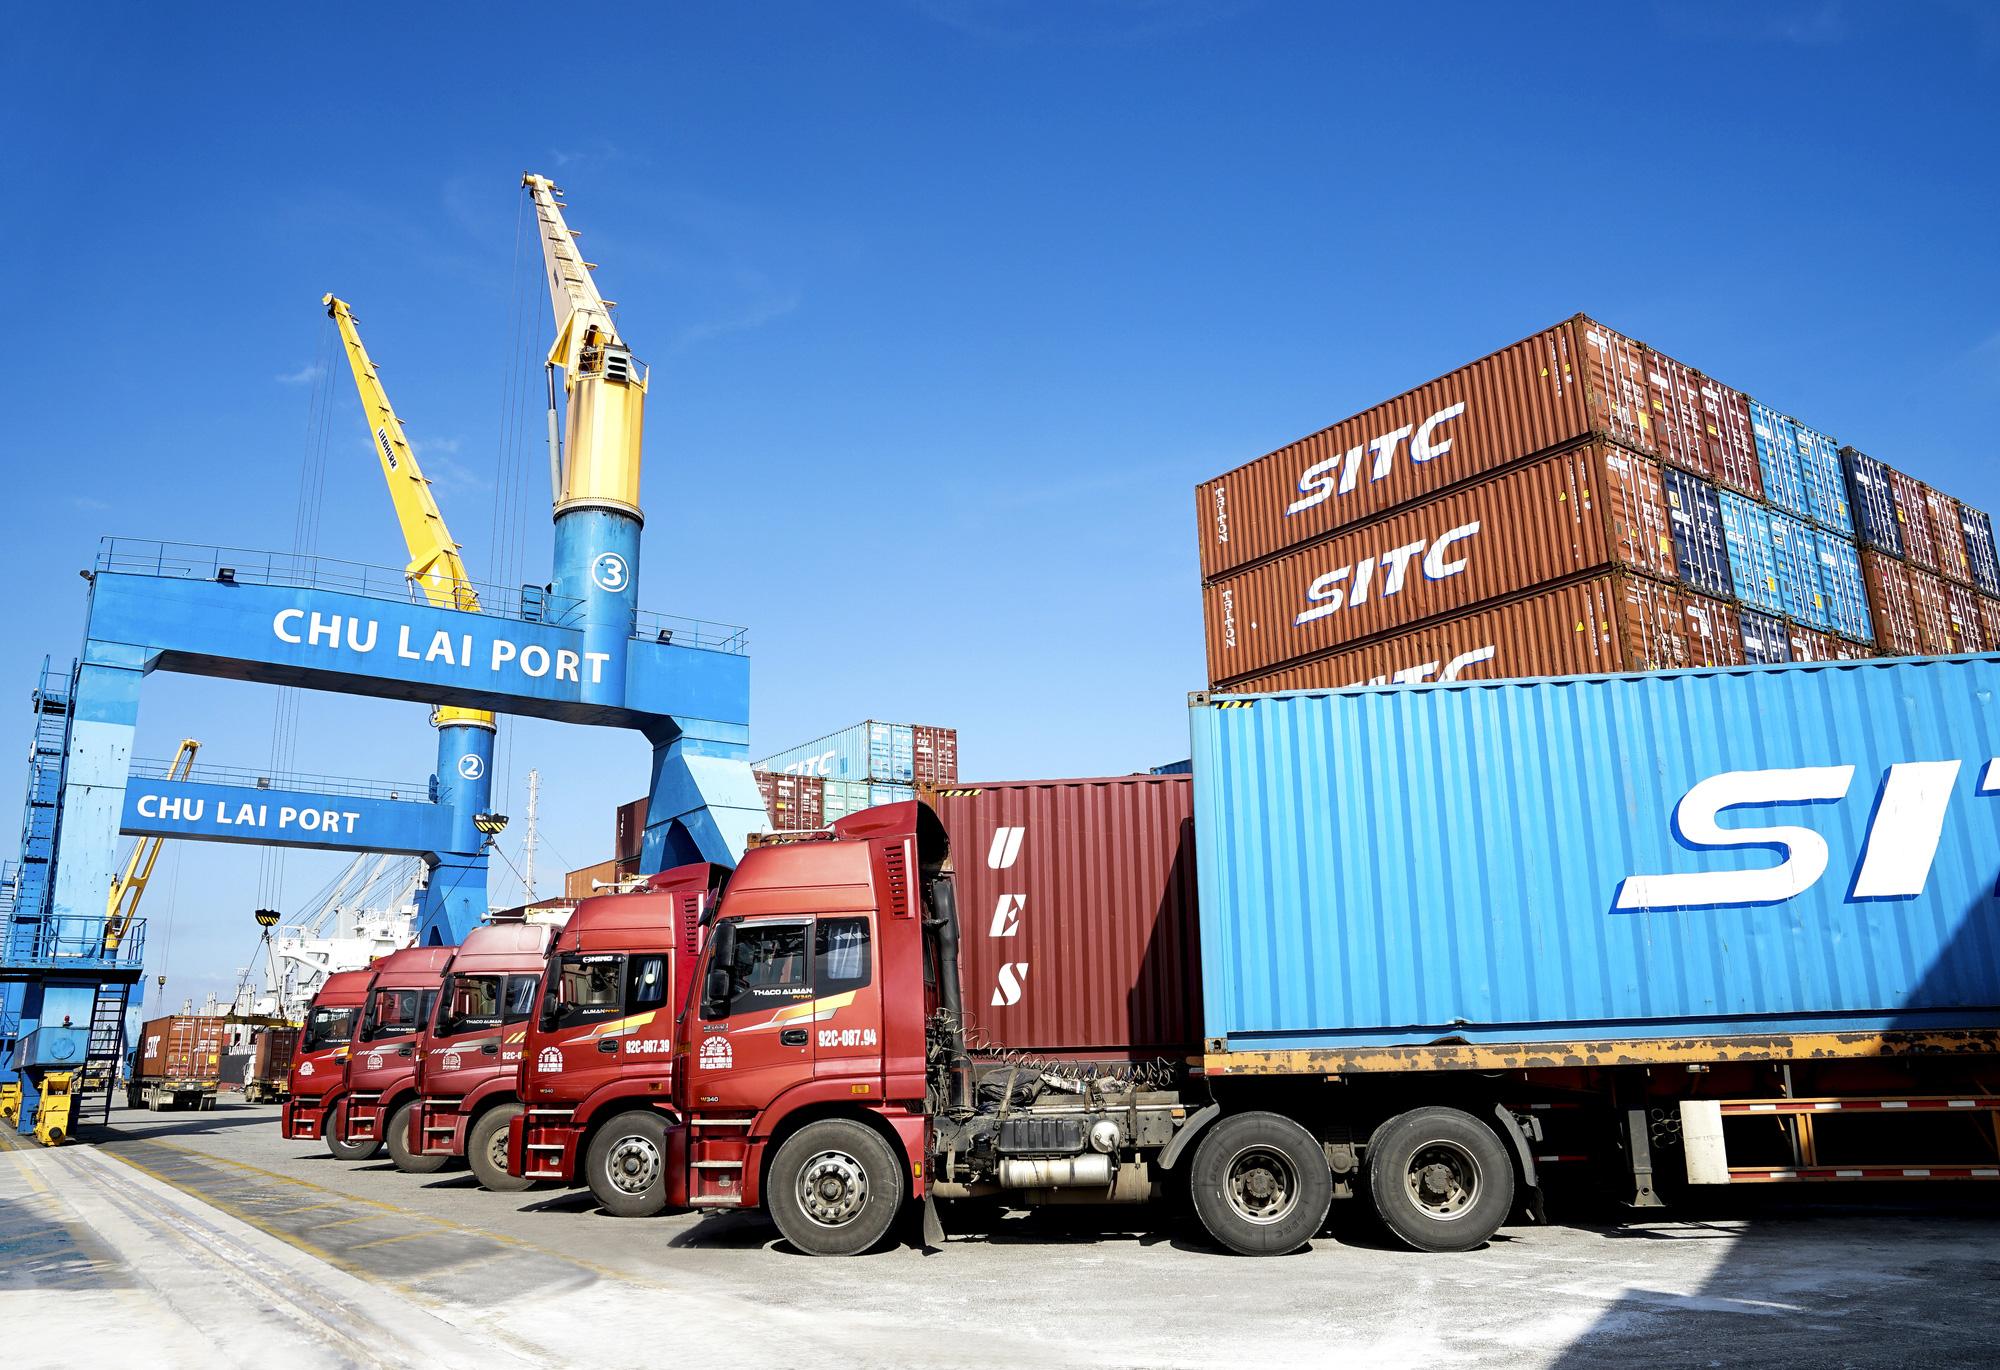 Dịch vụ logistics trọn gói của THILOGI: Giải pháp giúp doanh nghiệp tăng tính cạnh tranh - Ảnh 6.